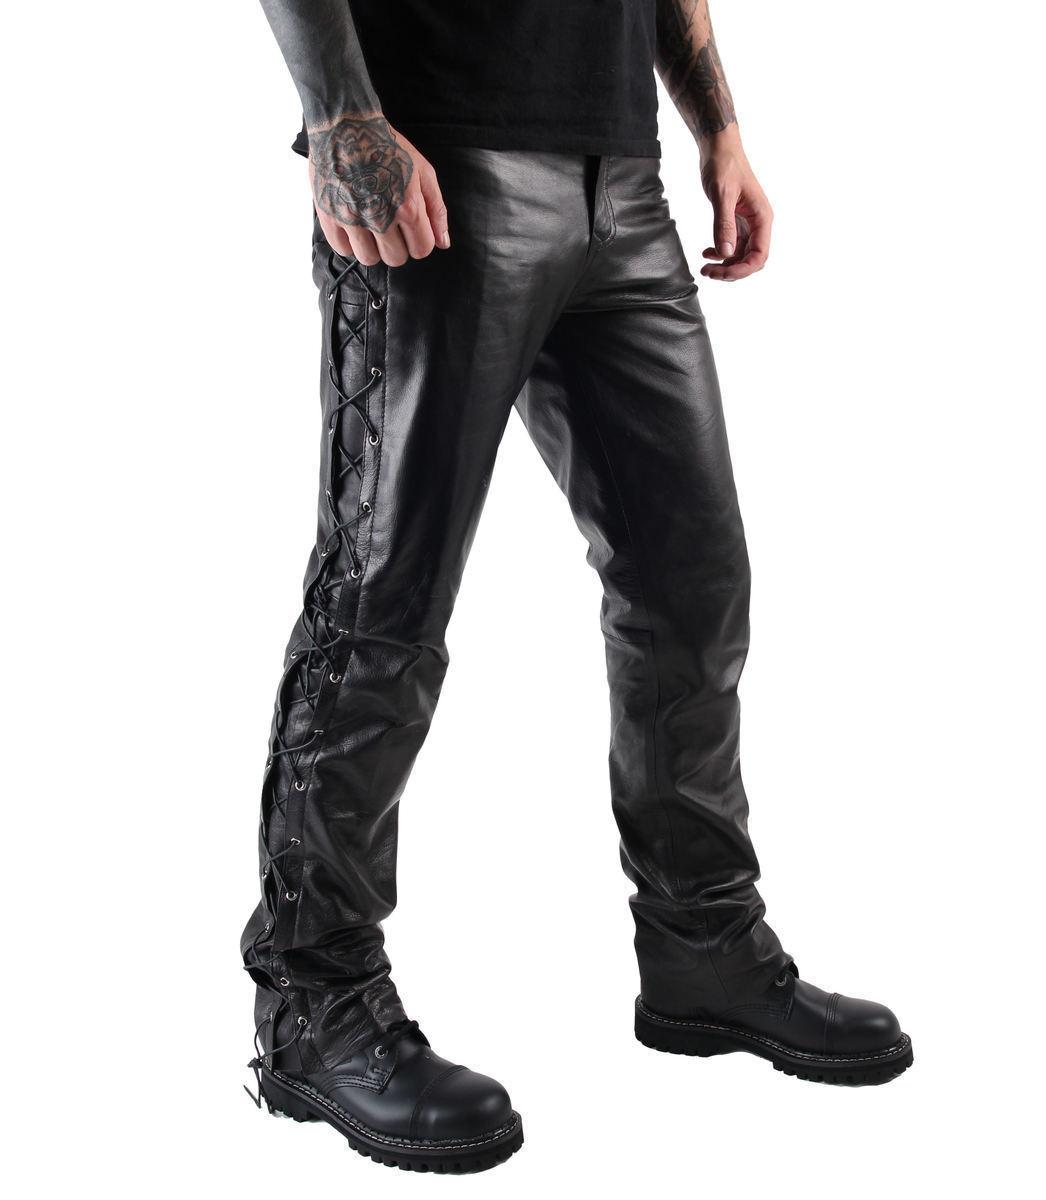 kalhoty pánské kožené OSX - Out-Law - Black - 305